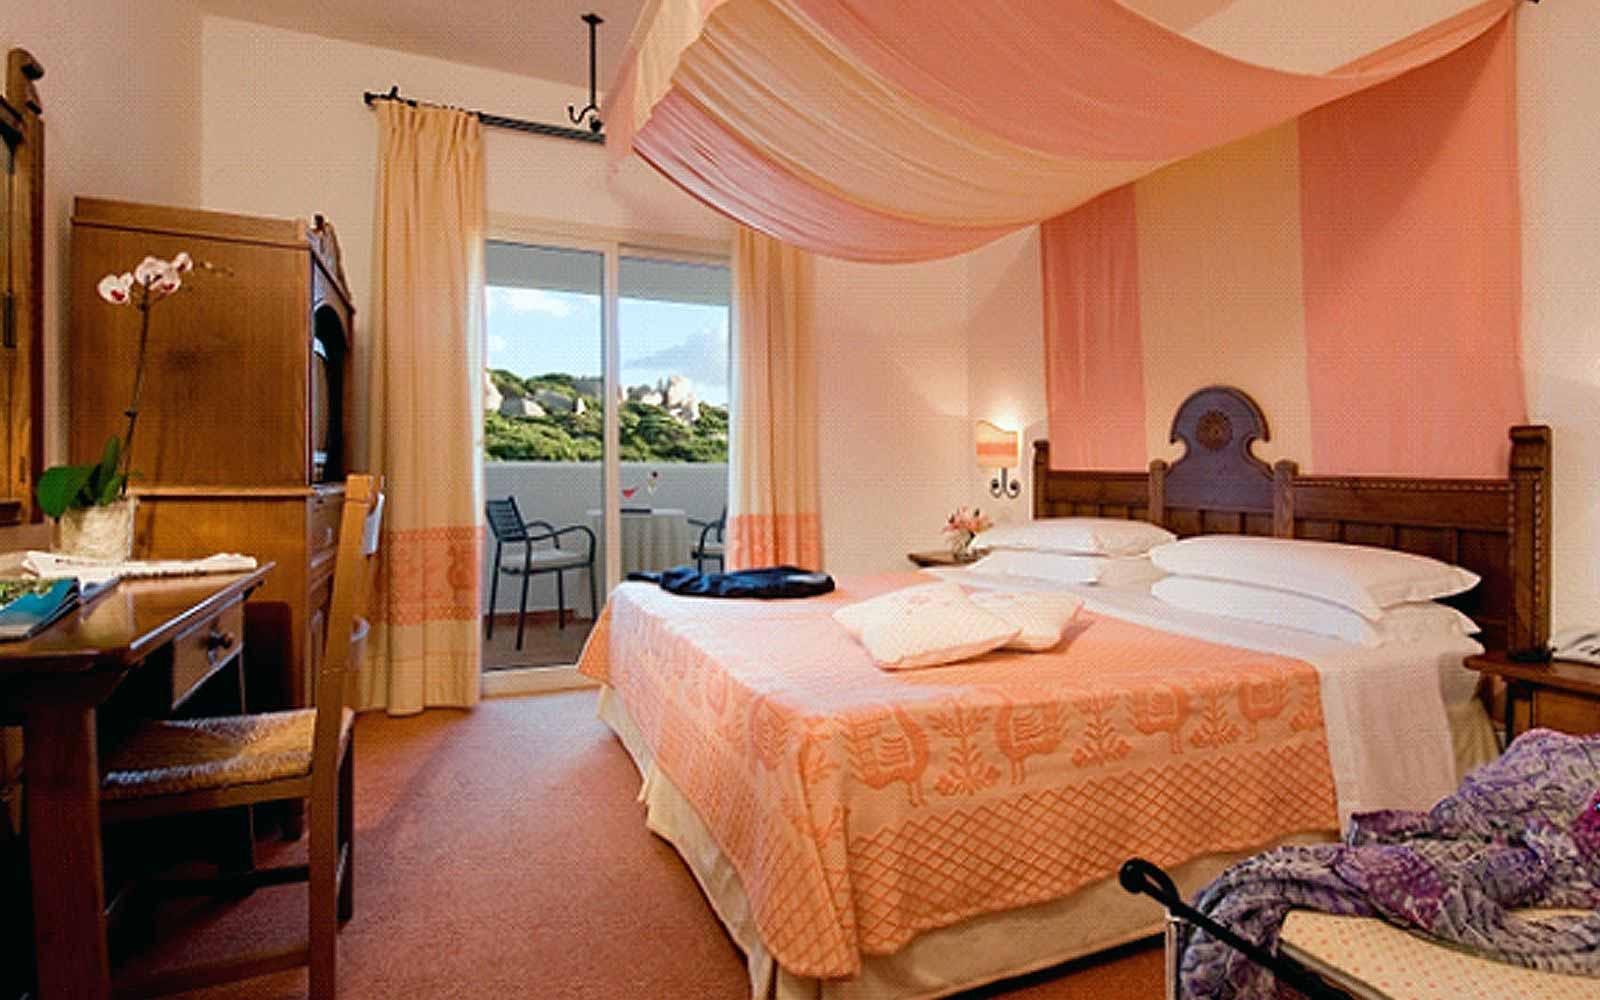 Classic room at the Colonna Grand Hotel Capo Testa